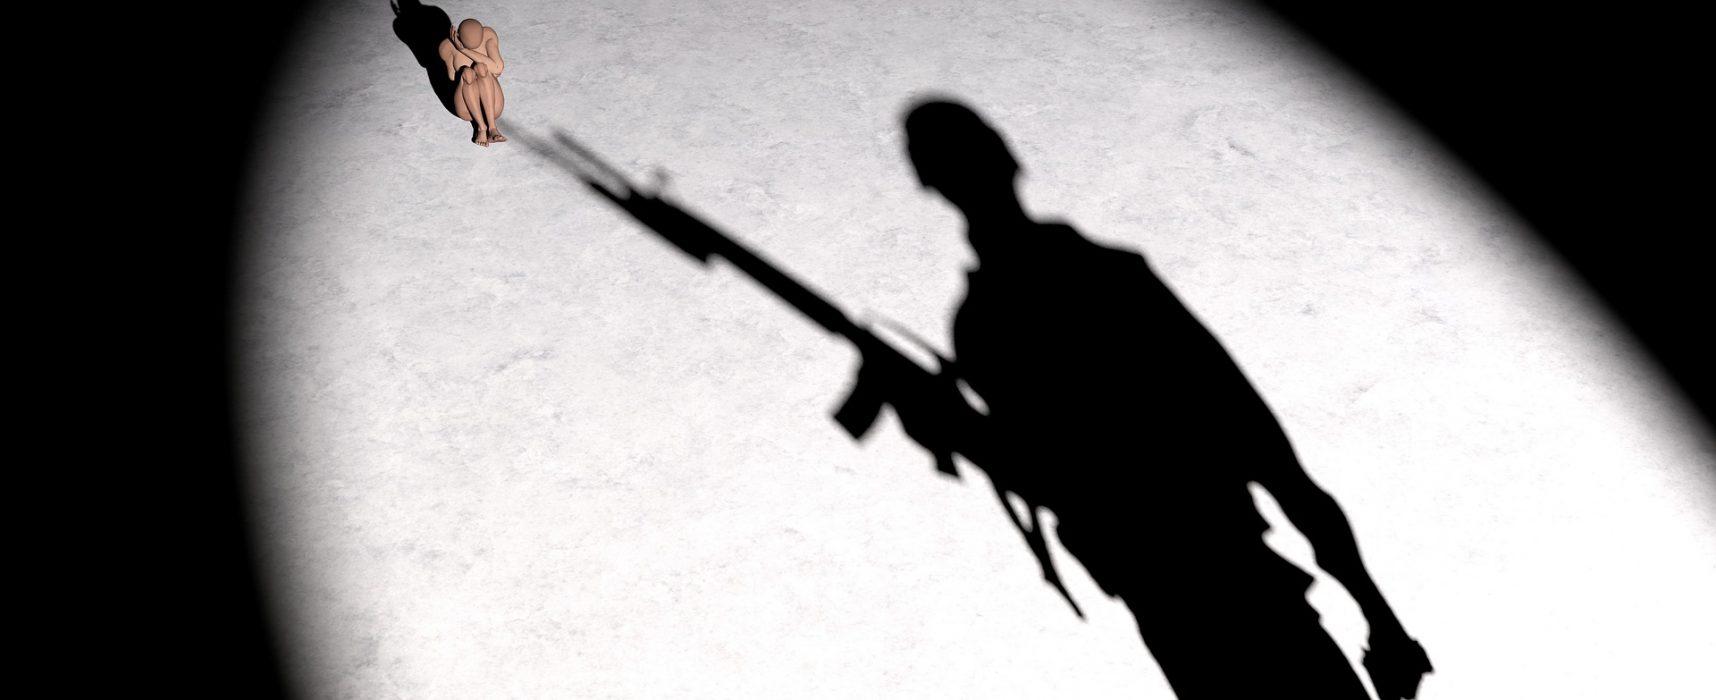 Иприт, изнасилования и «подселение» военнослужащих. Как Россия пугает присутствием сил НАТО